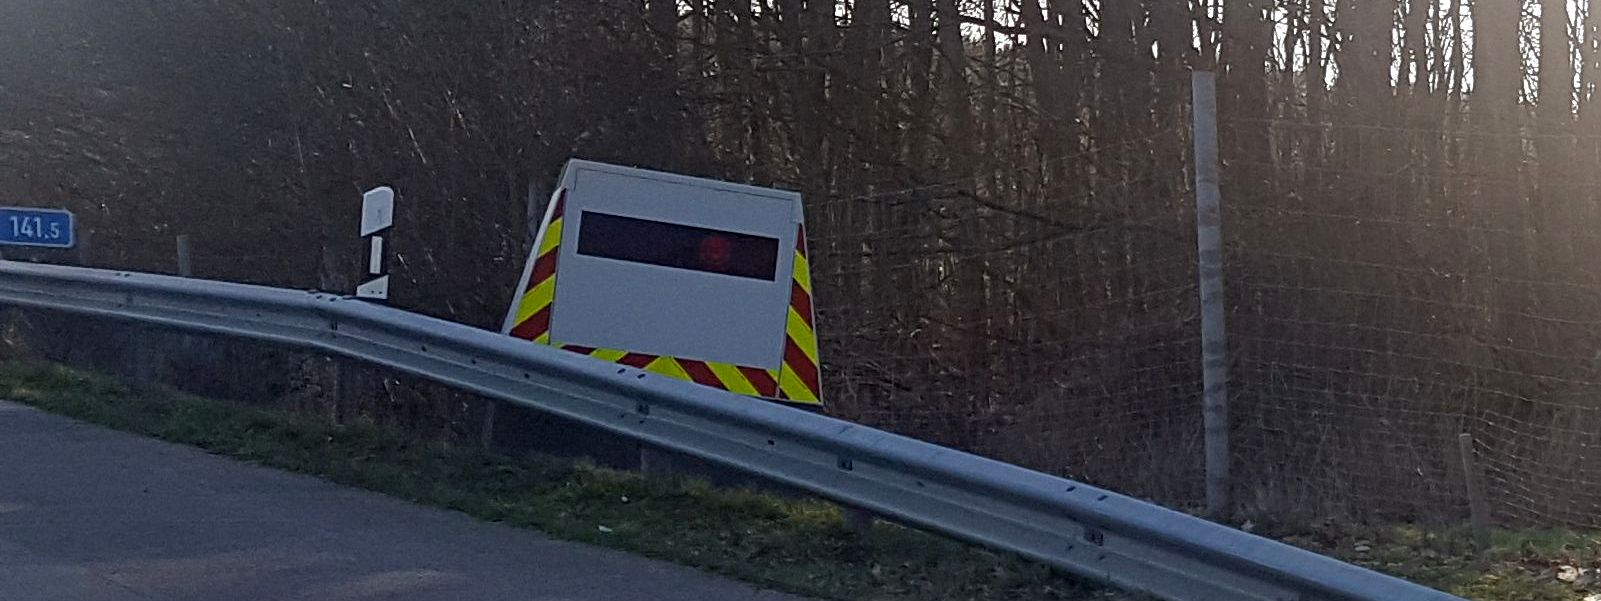 Keine Fahrtenbuchauflagen wegen Geschwindigkeitsverstößen mehr im Saarland?